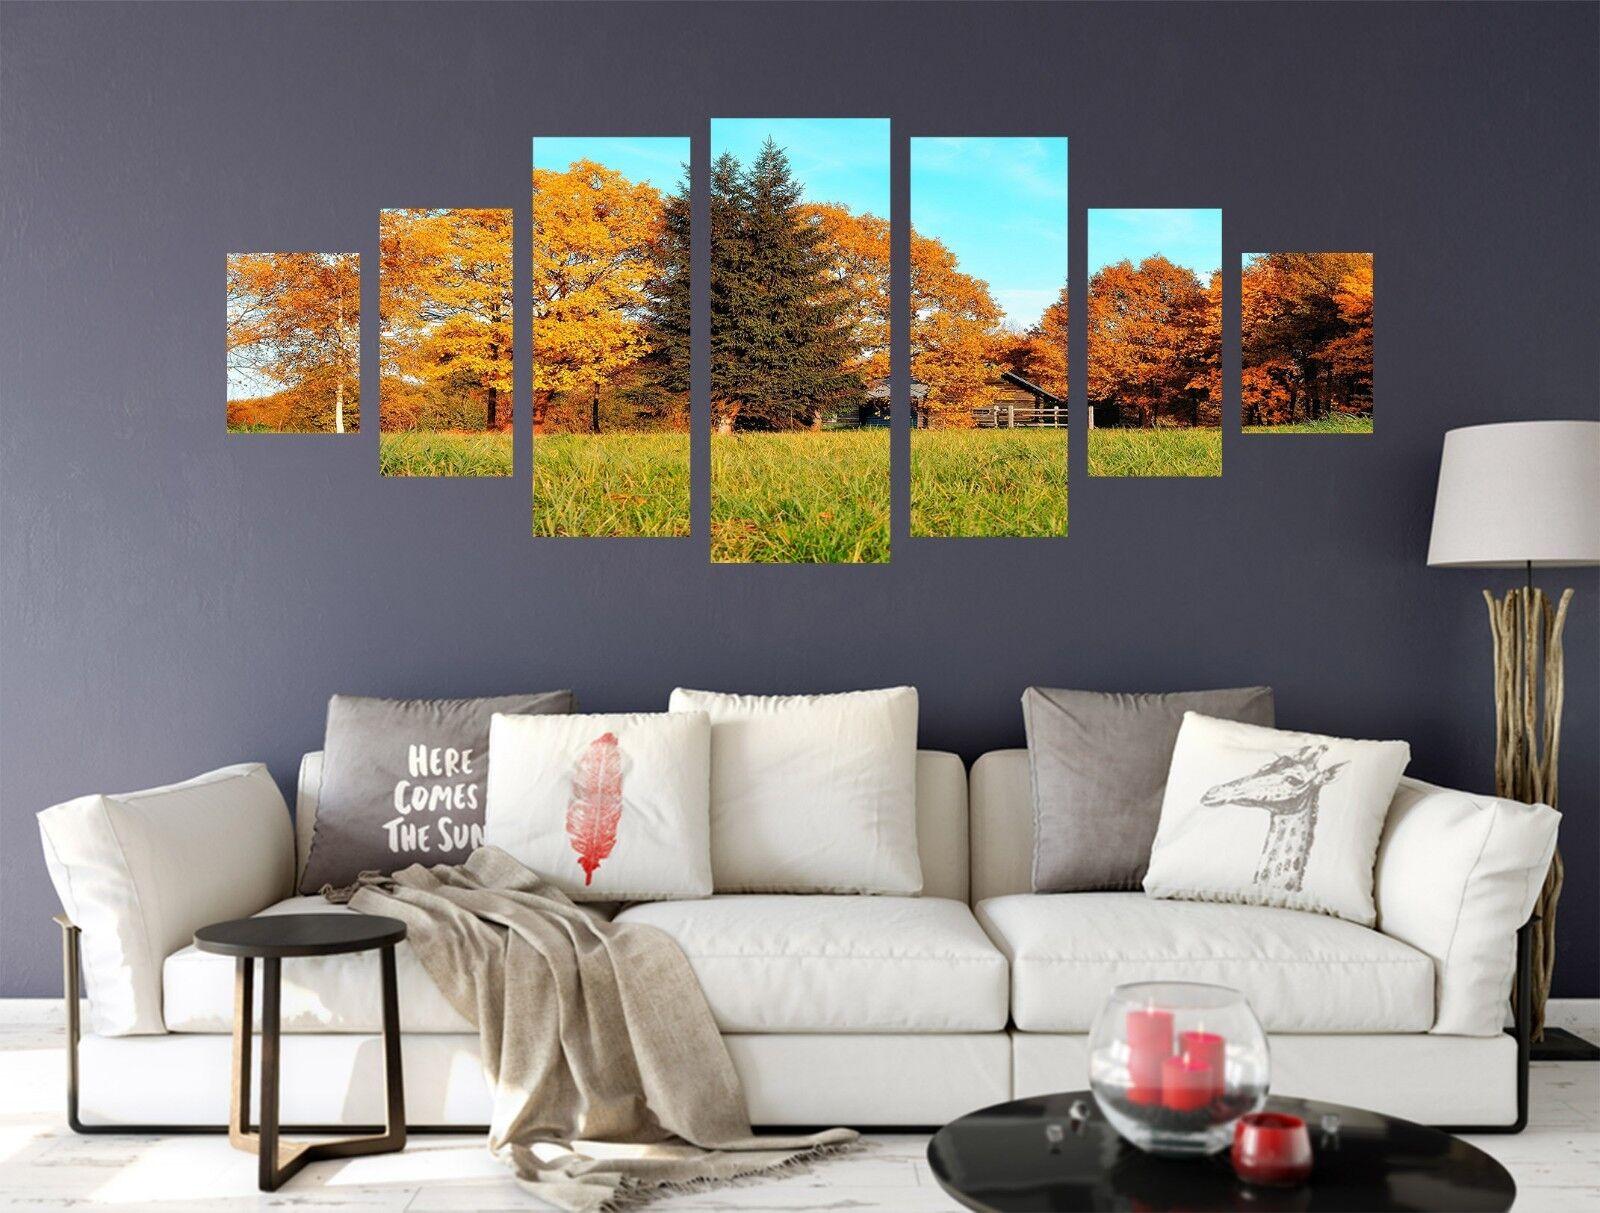 3D Forest Meadow 566 Unframed Drucken Wand Papier Decal Wand Deco Innen AJ Wand